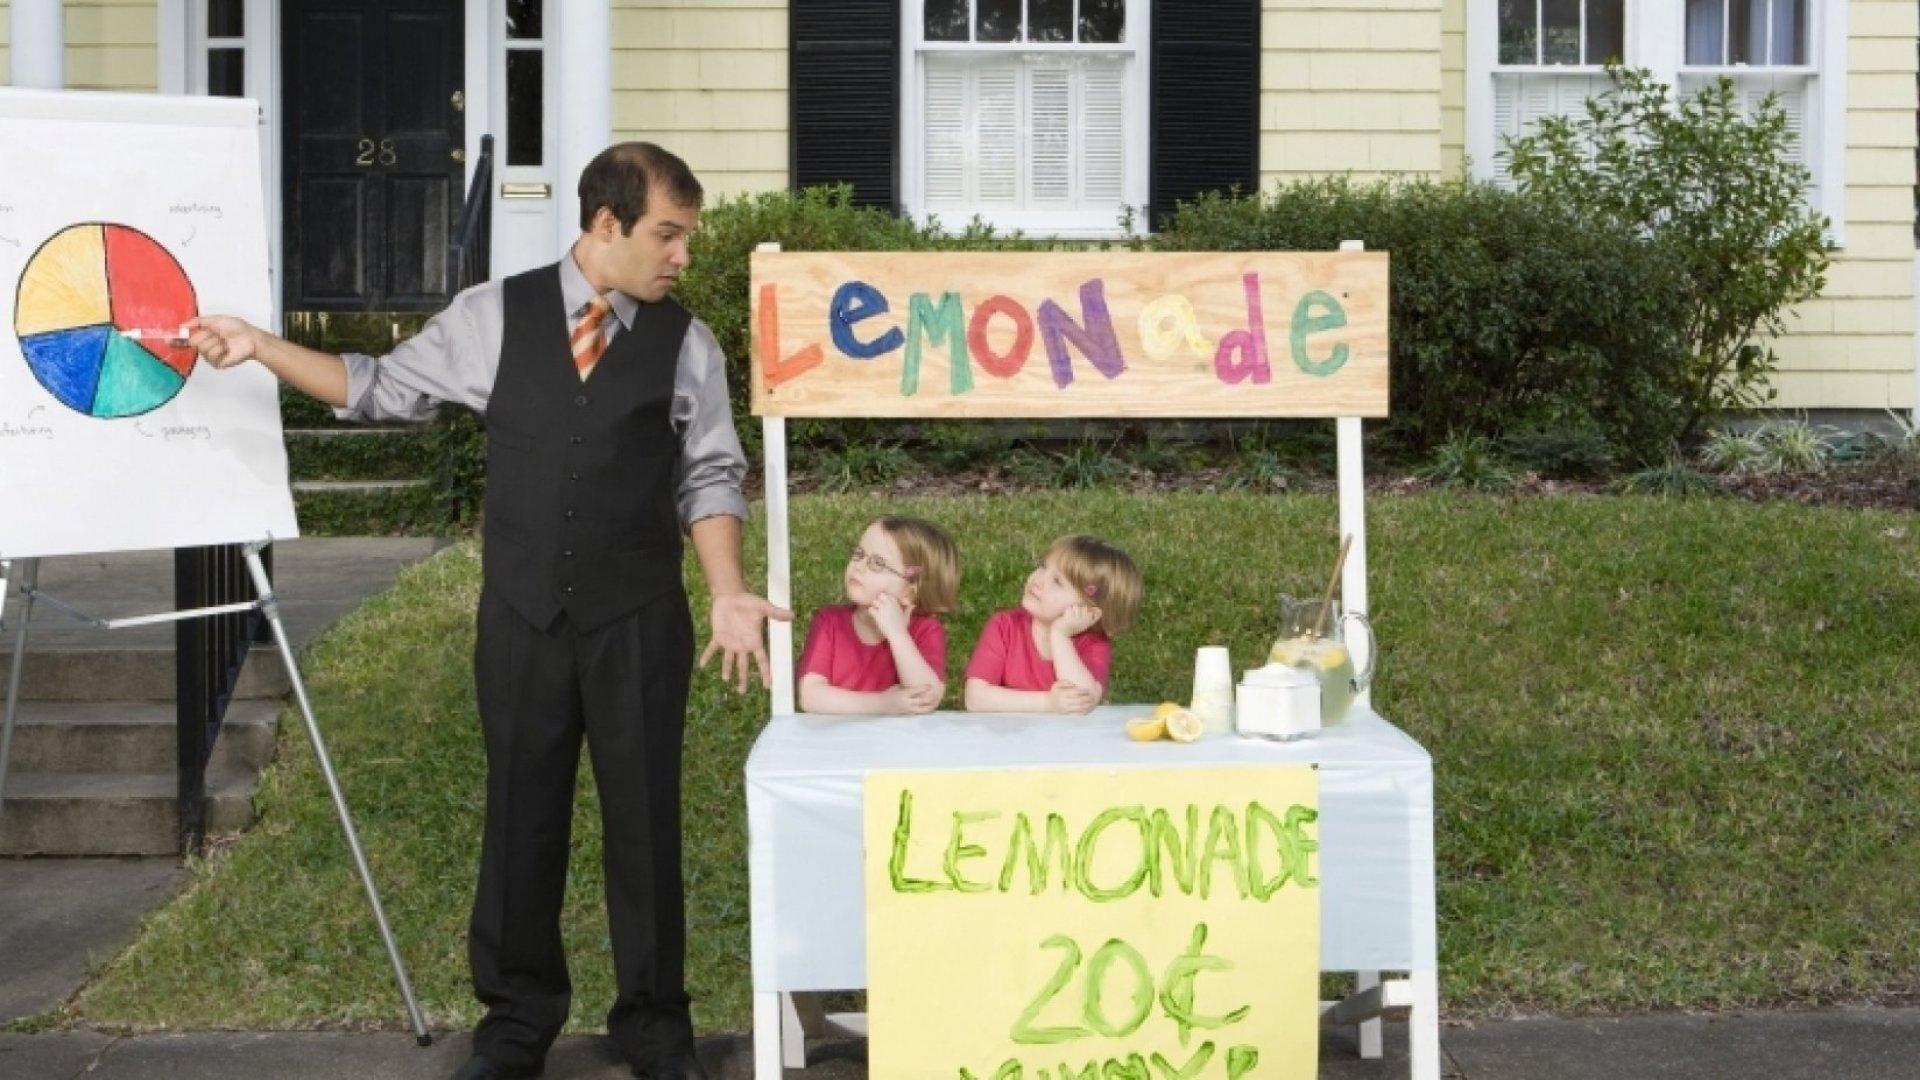 5 Easy Ways To Teach Kids to Be Entrepreneurs